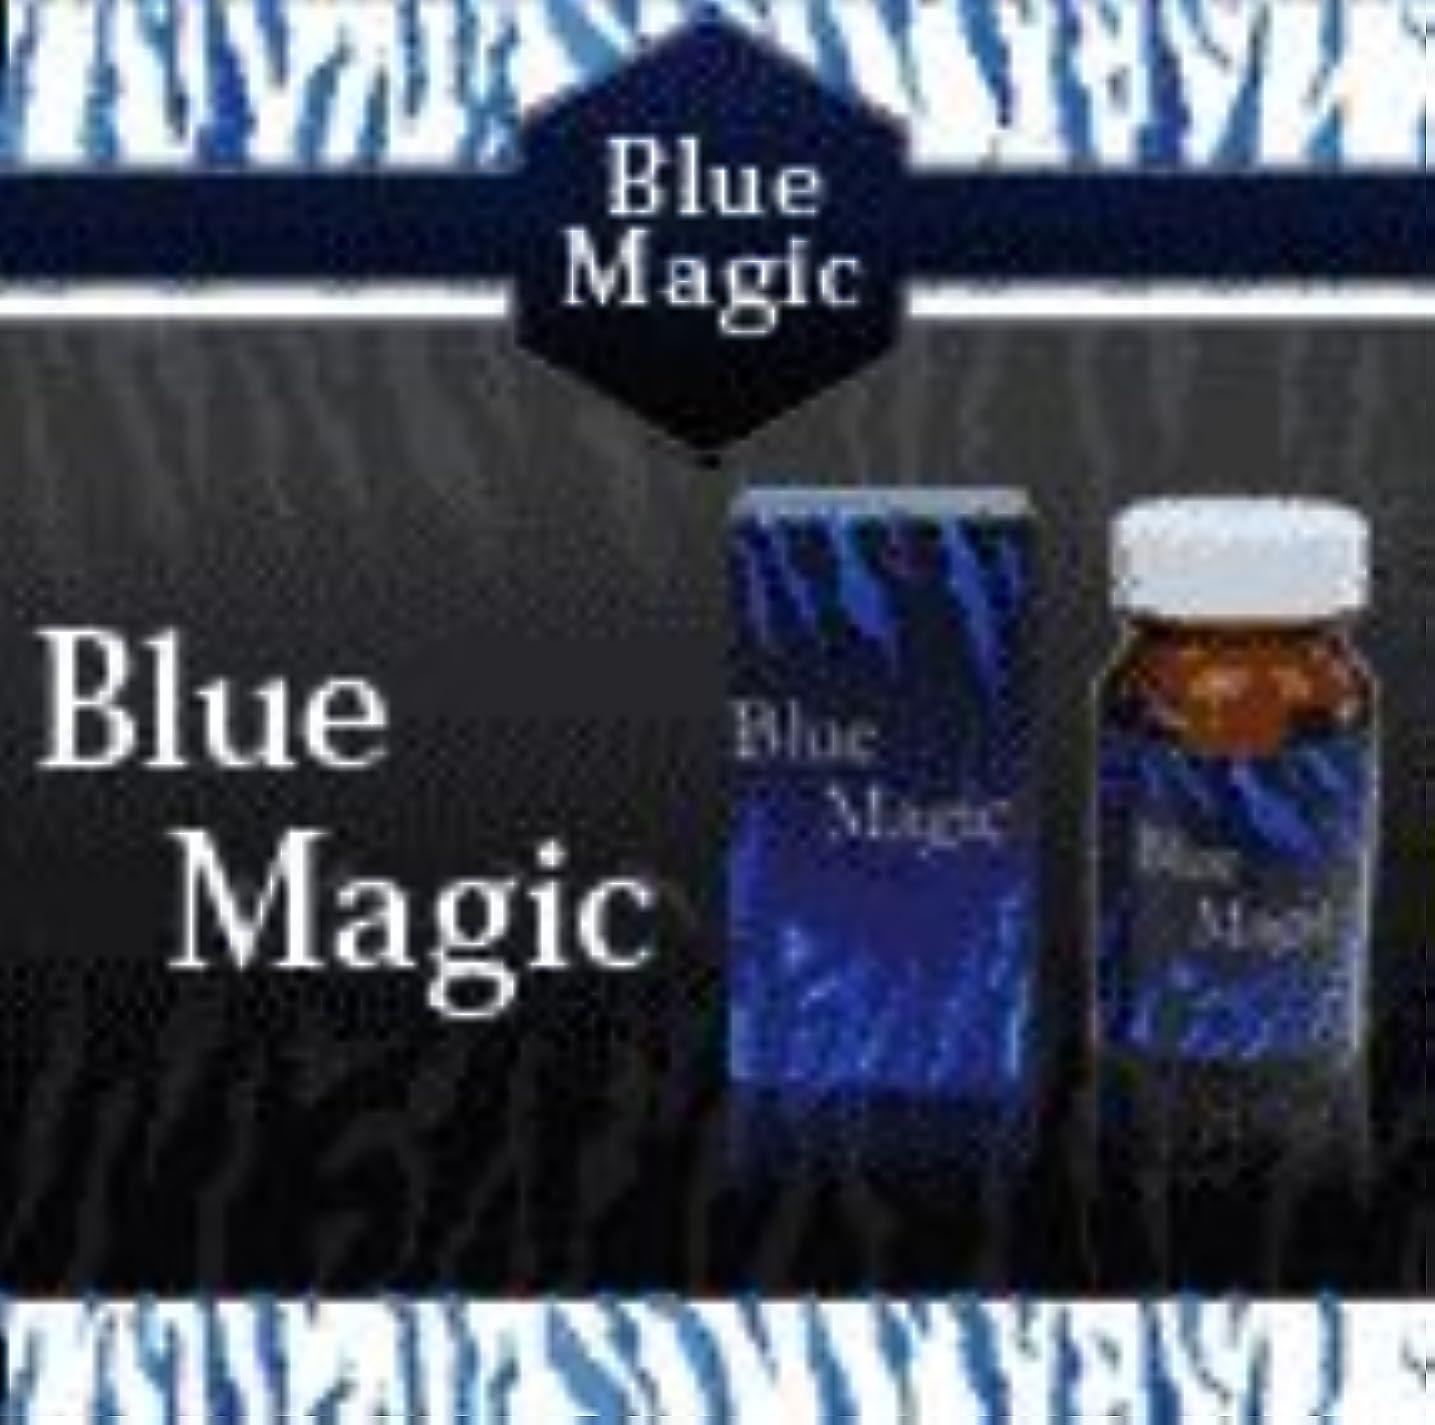 合図平衡ホールド「Blue Magic」ブルーマジック (ダイエットサプリメント) 5個セット